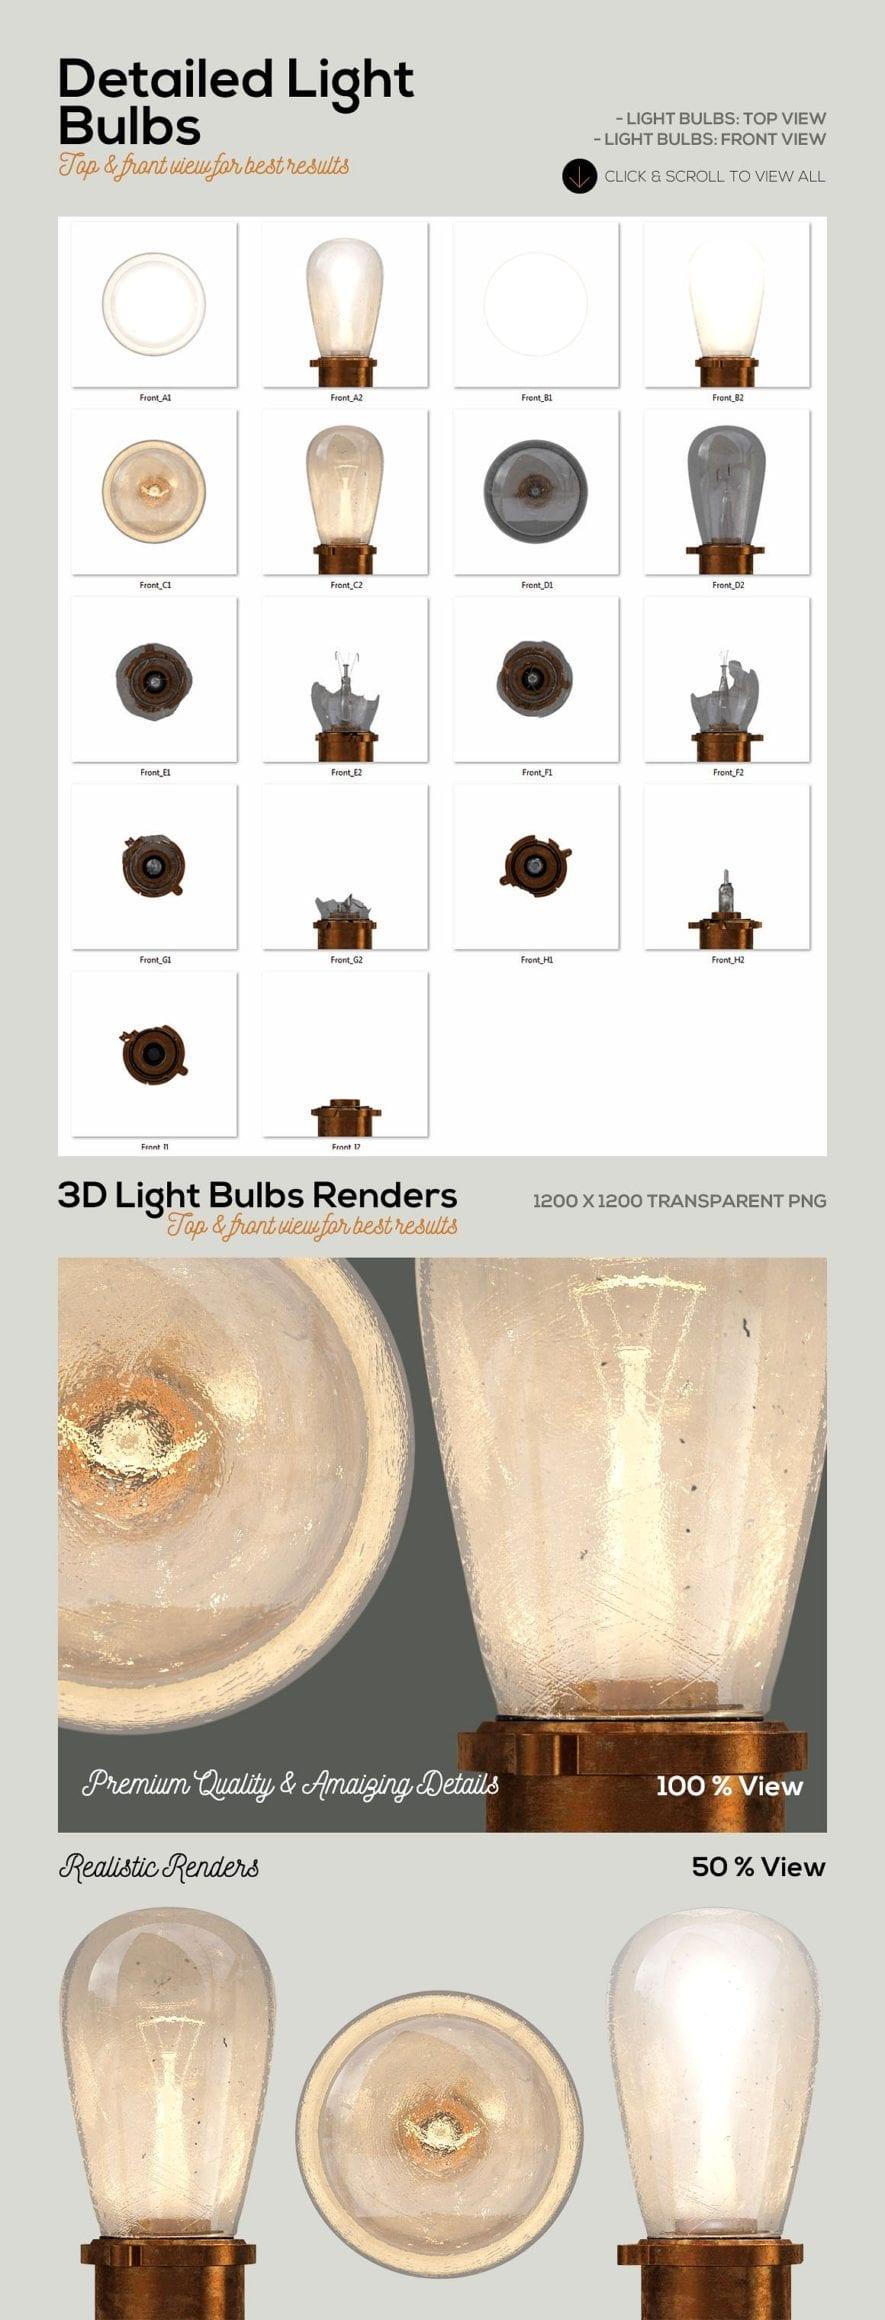 marqueelightbulbsfrontview06  - Efekt Vintage 3D svetených panelov za 19 dolárov!